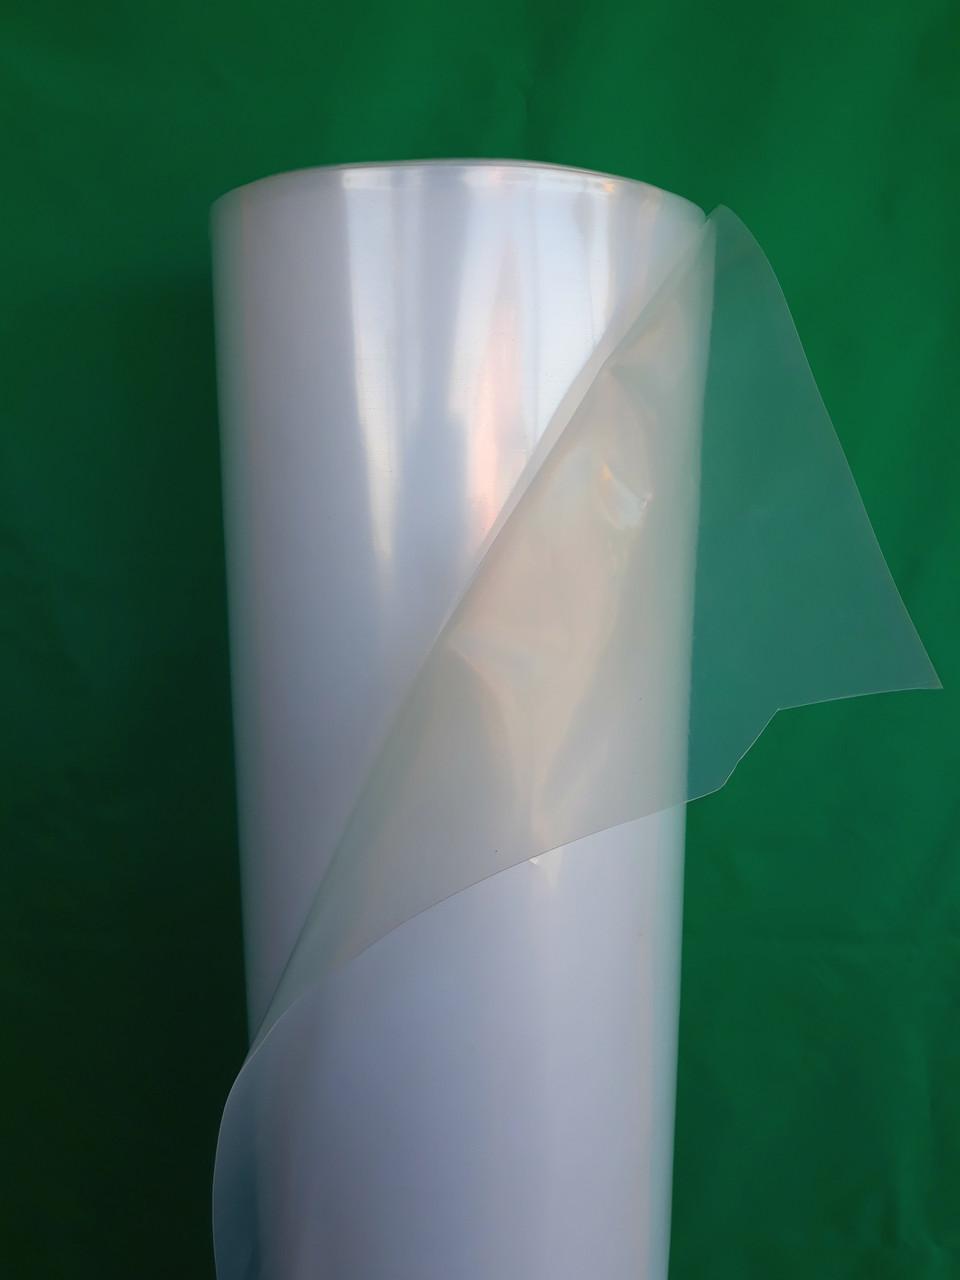 Пленка тепличная белая, 170мкм, 3м/50м. Прозрачная (парниковая, полиэтиленовая).